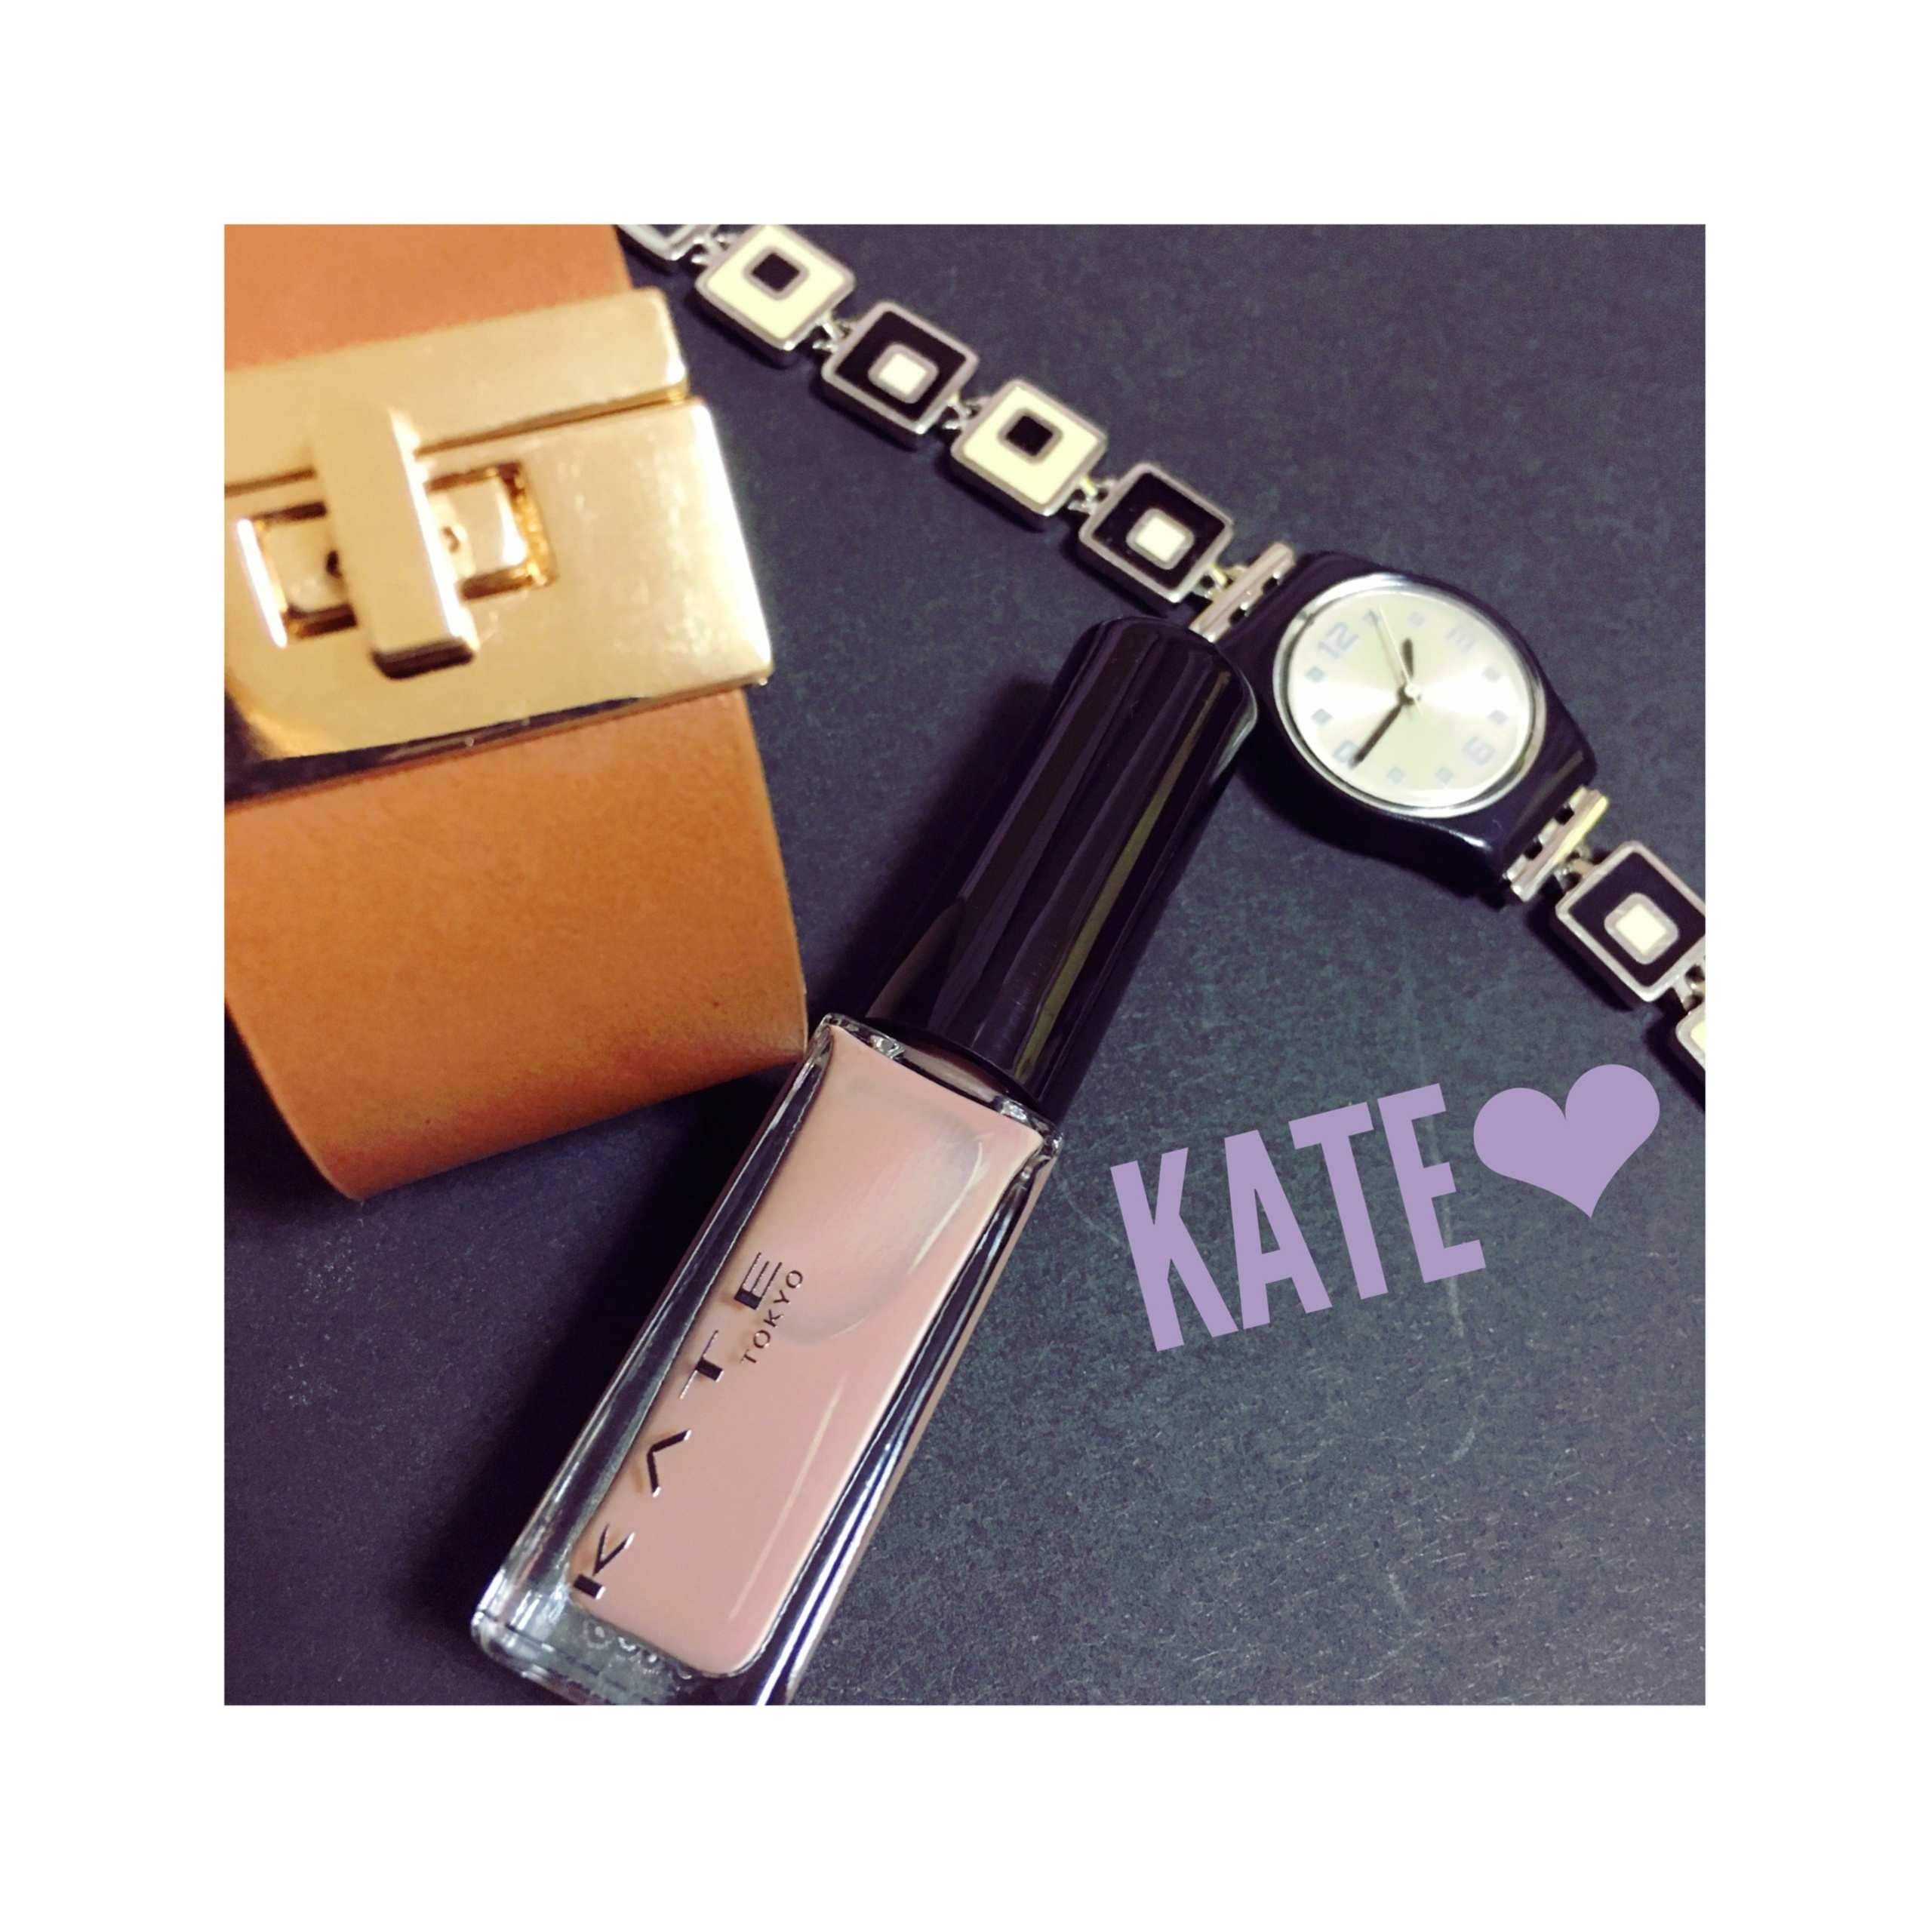 《¥360とは思えないクオリティ★》【KATE】のネイルが好発色でかわいいんです❤️!_1